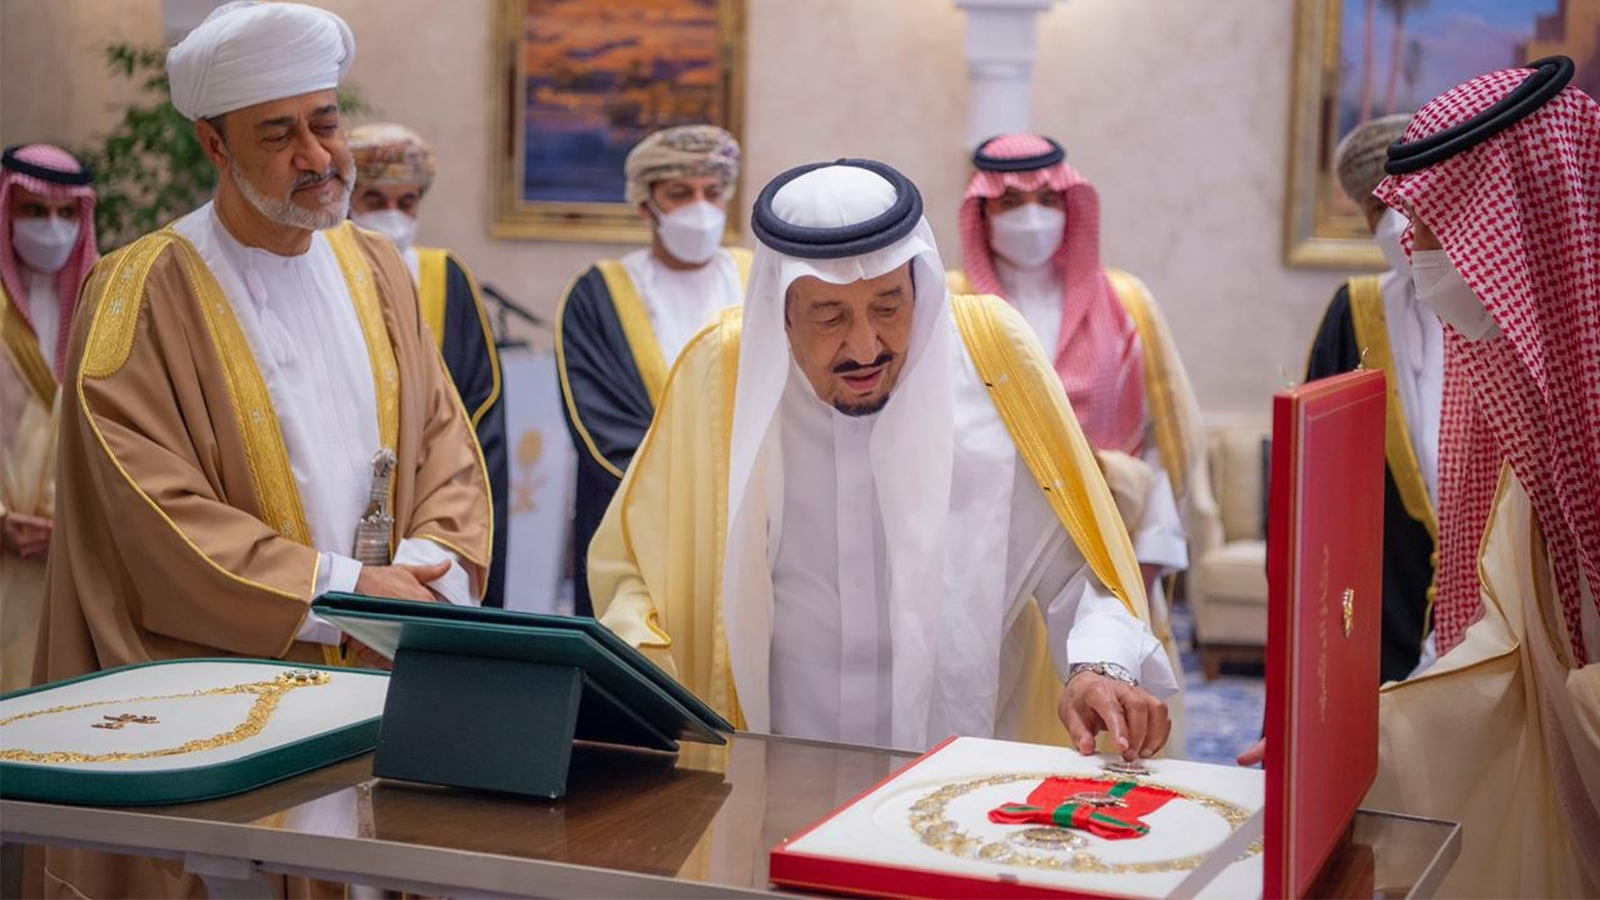 الملك سلمان يهدي السلطان هيثم قلادة الملك عبدالعزيز